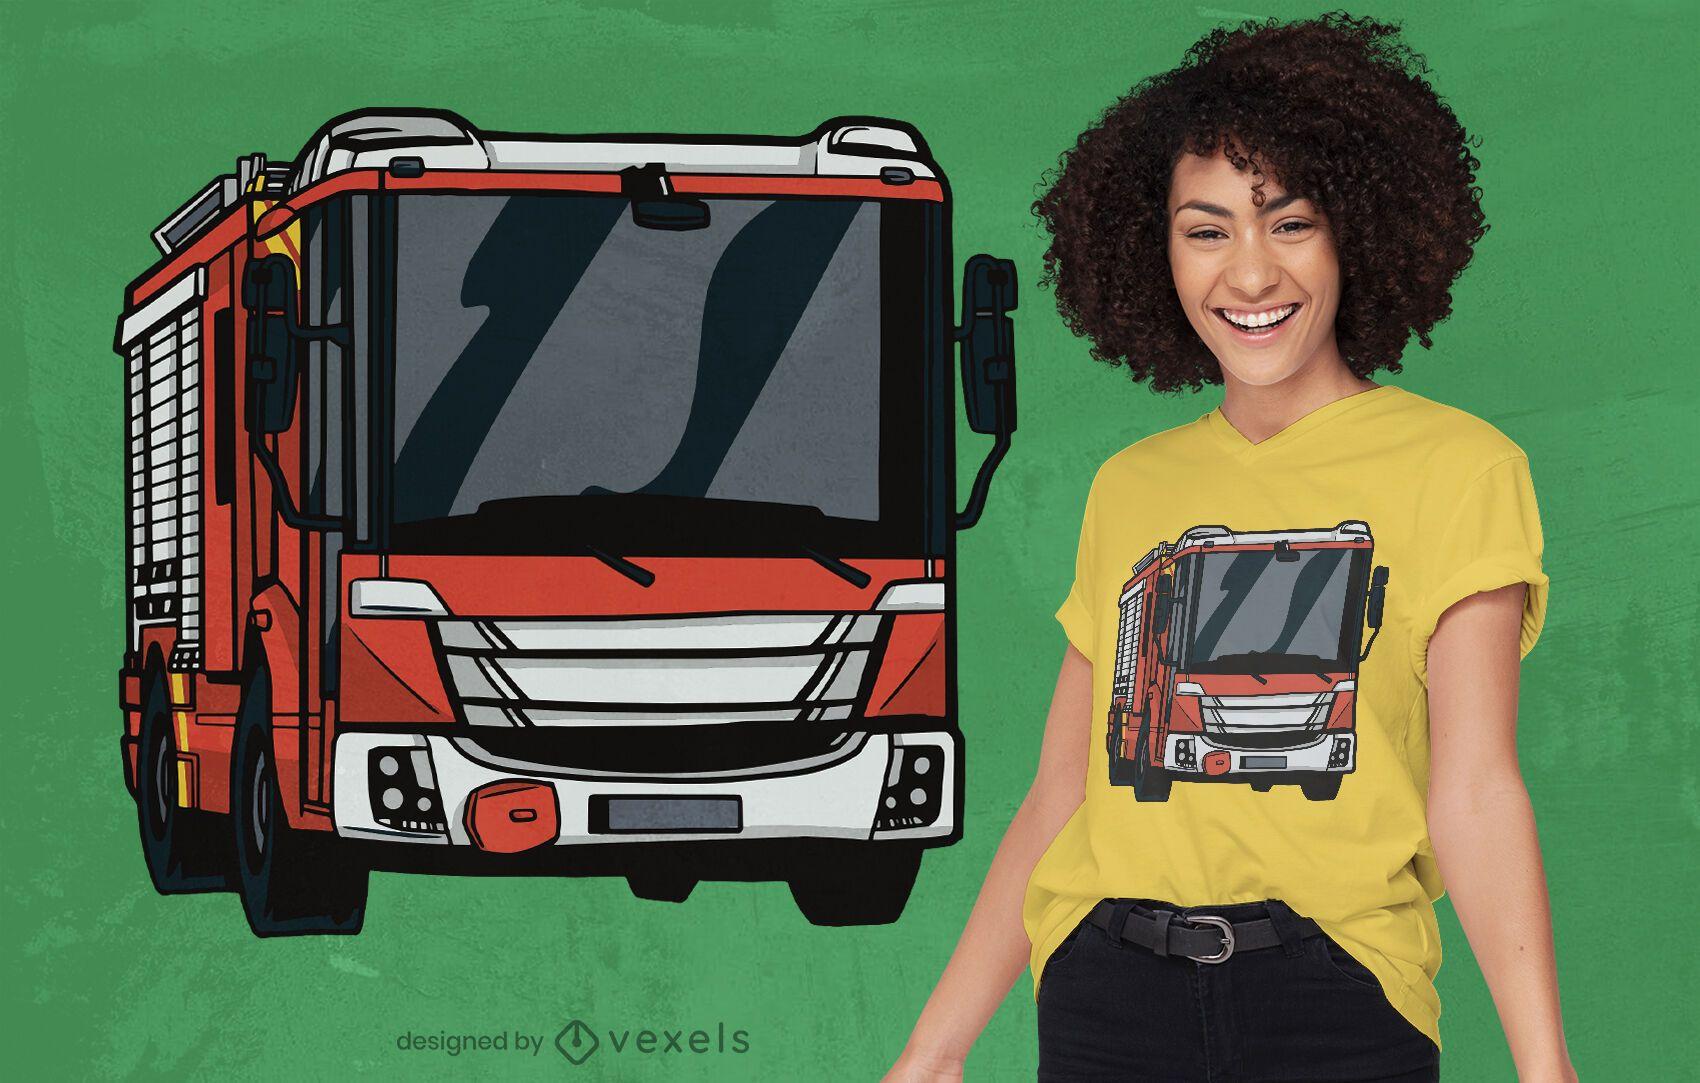 Fire truck t-shirt design